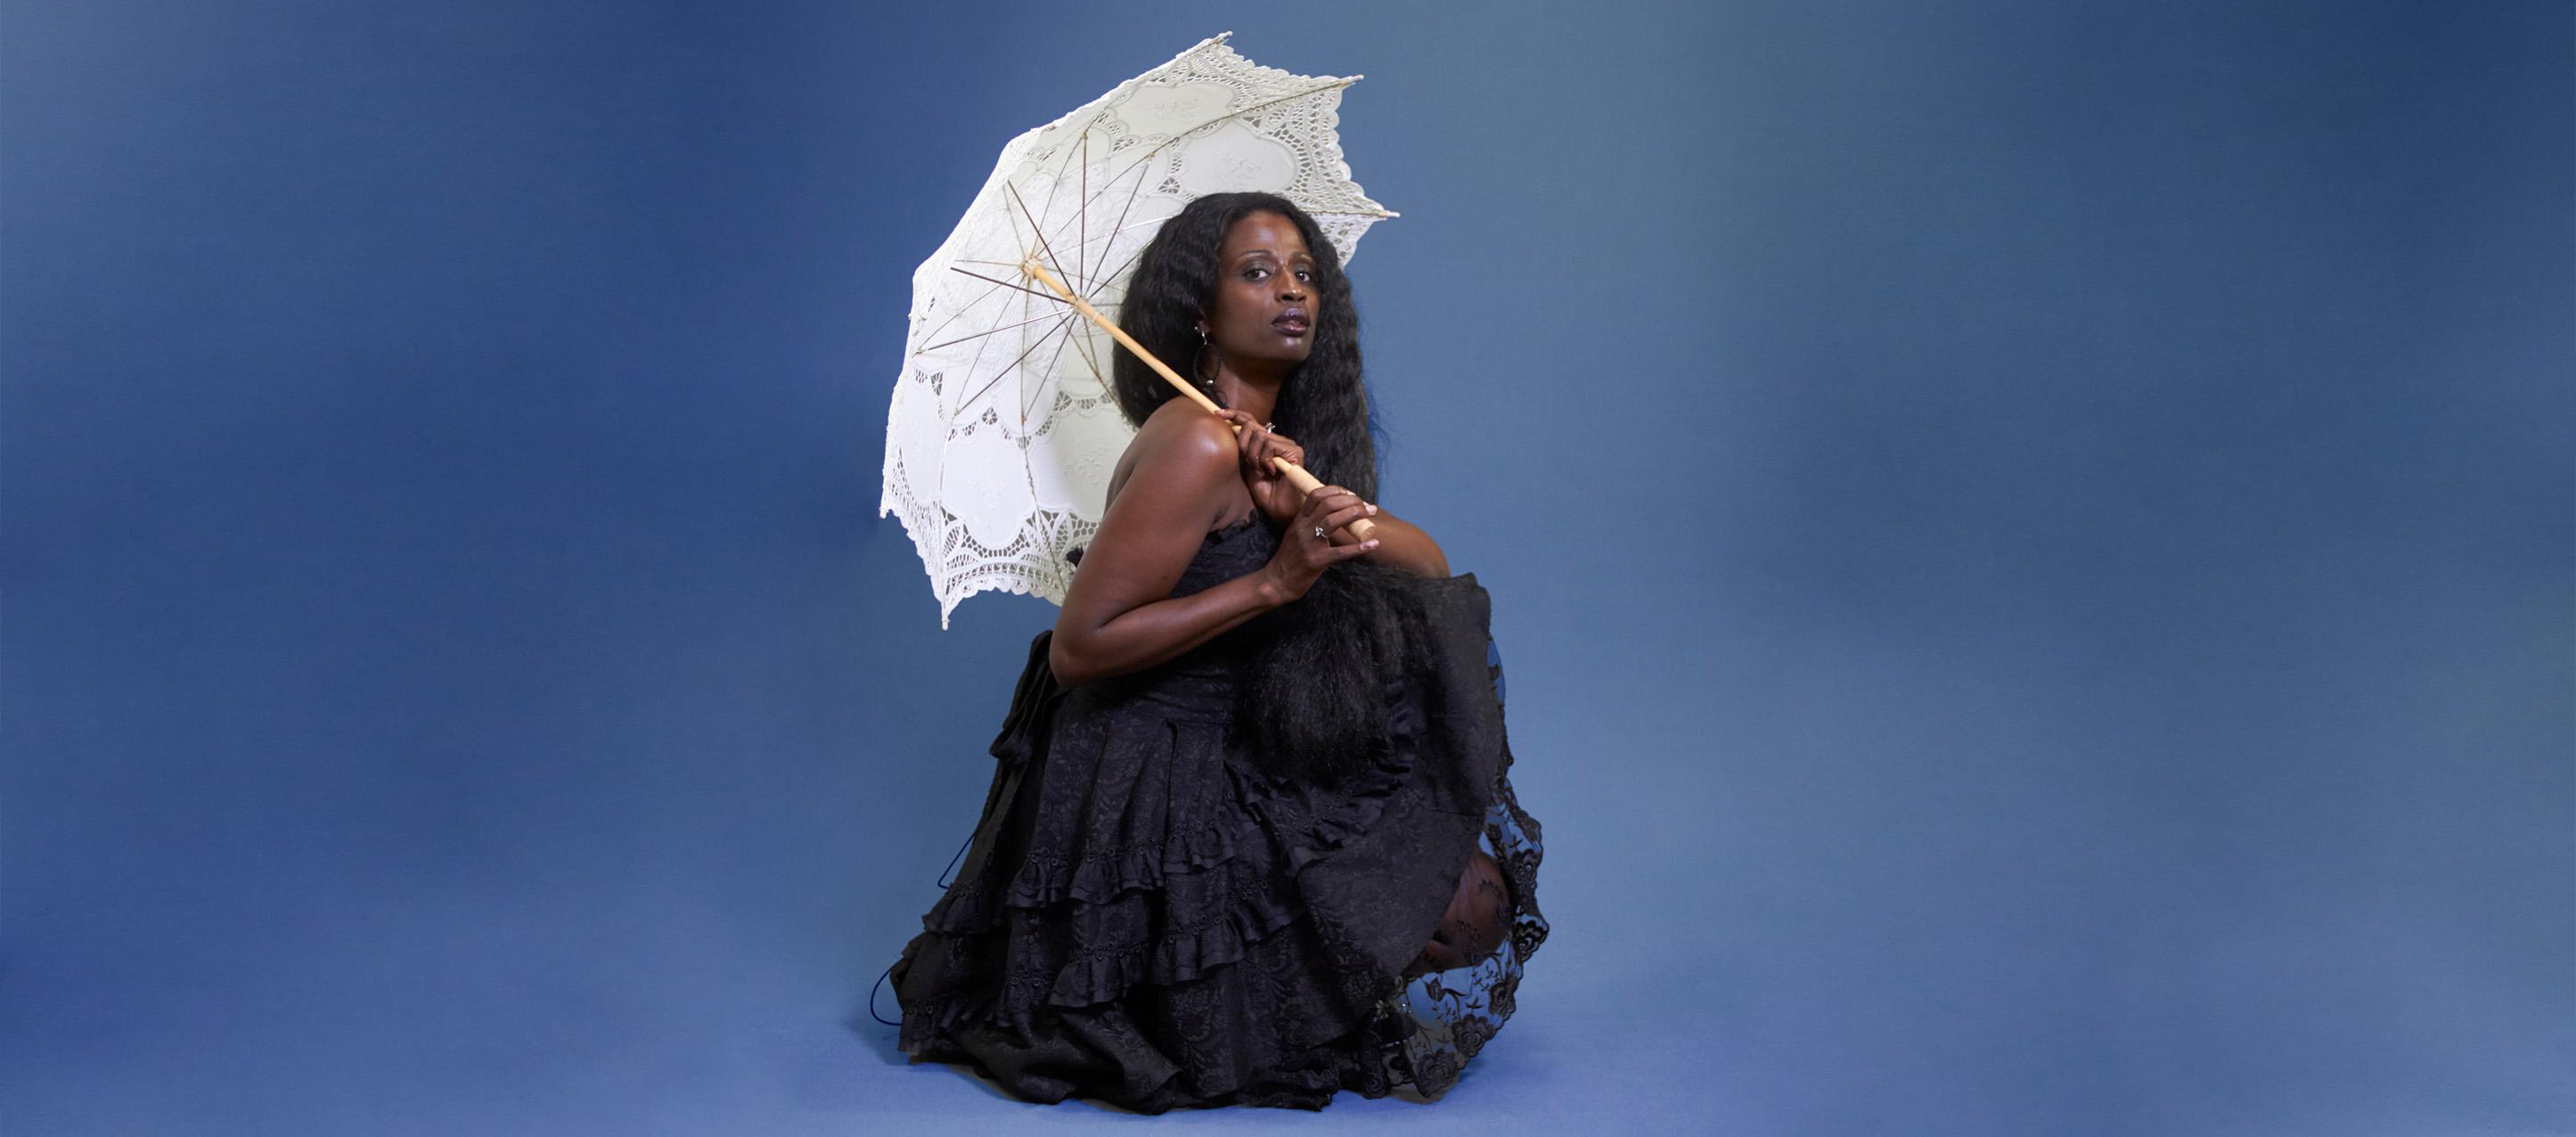 Mariame M'Bengue, surmonter le manque et la disparition de son père